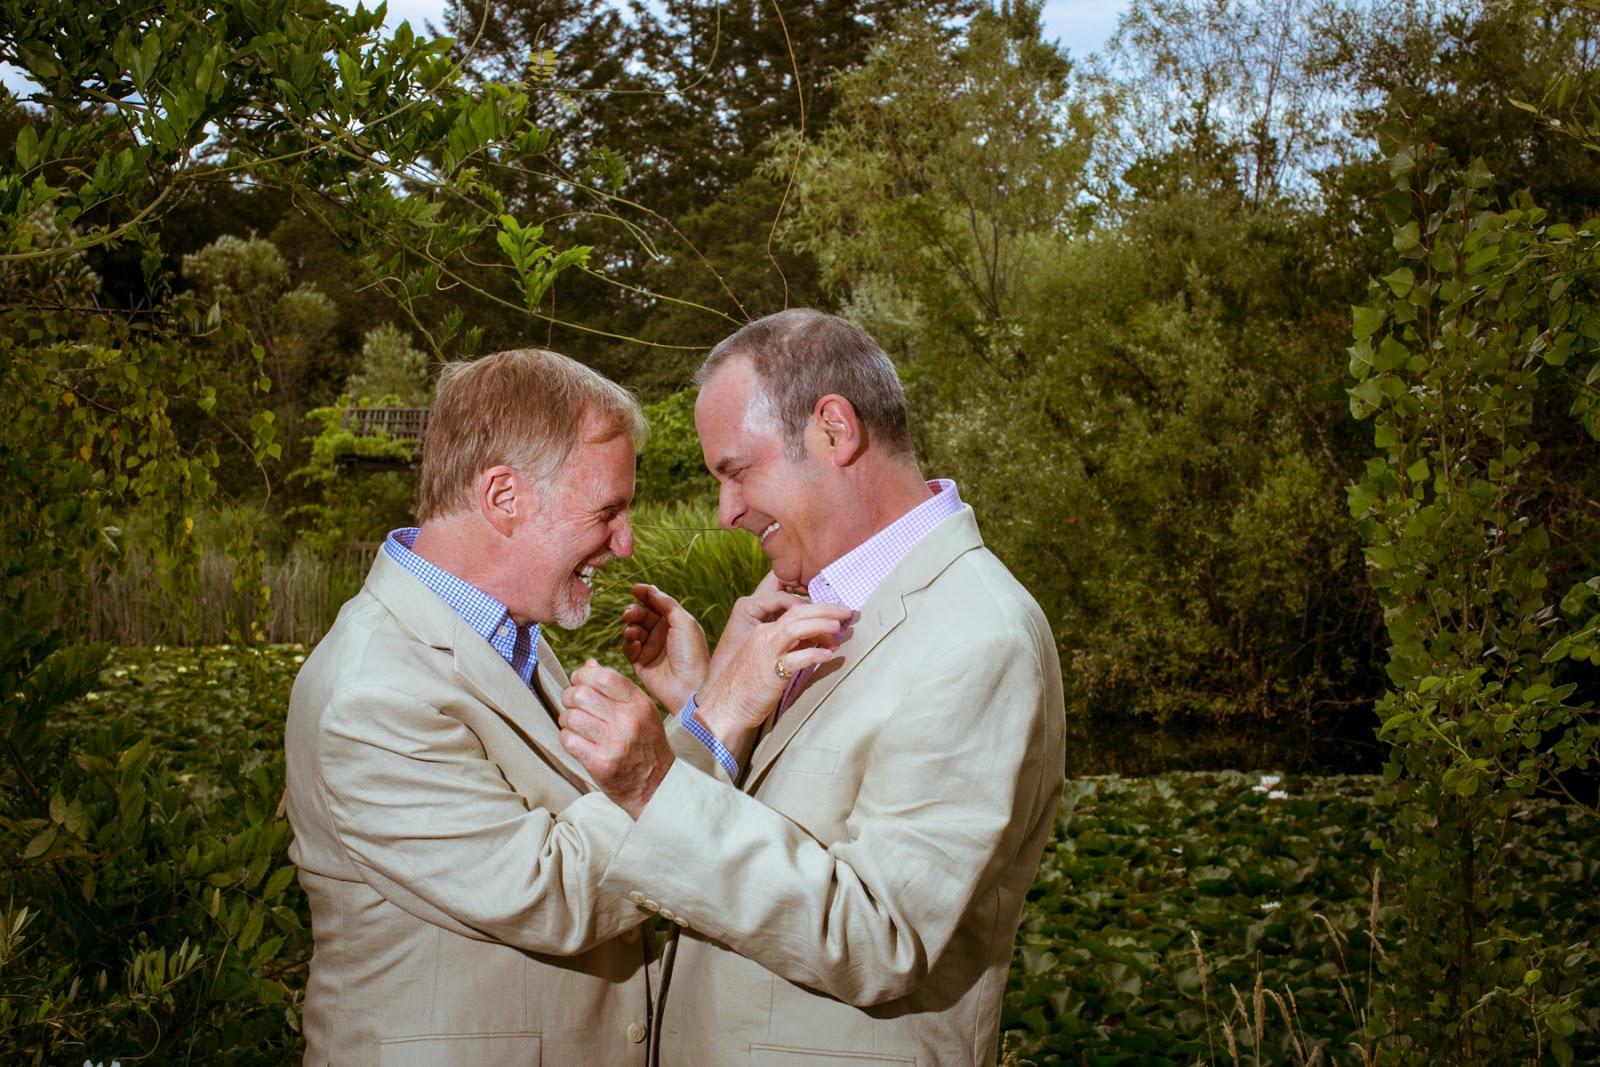 gay engagement photo ideas - Wedding Ideas Gay Wedding